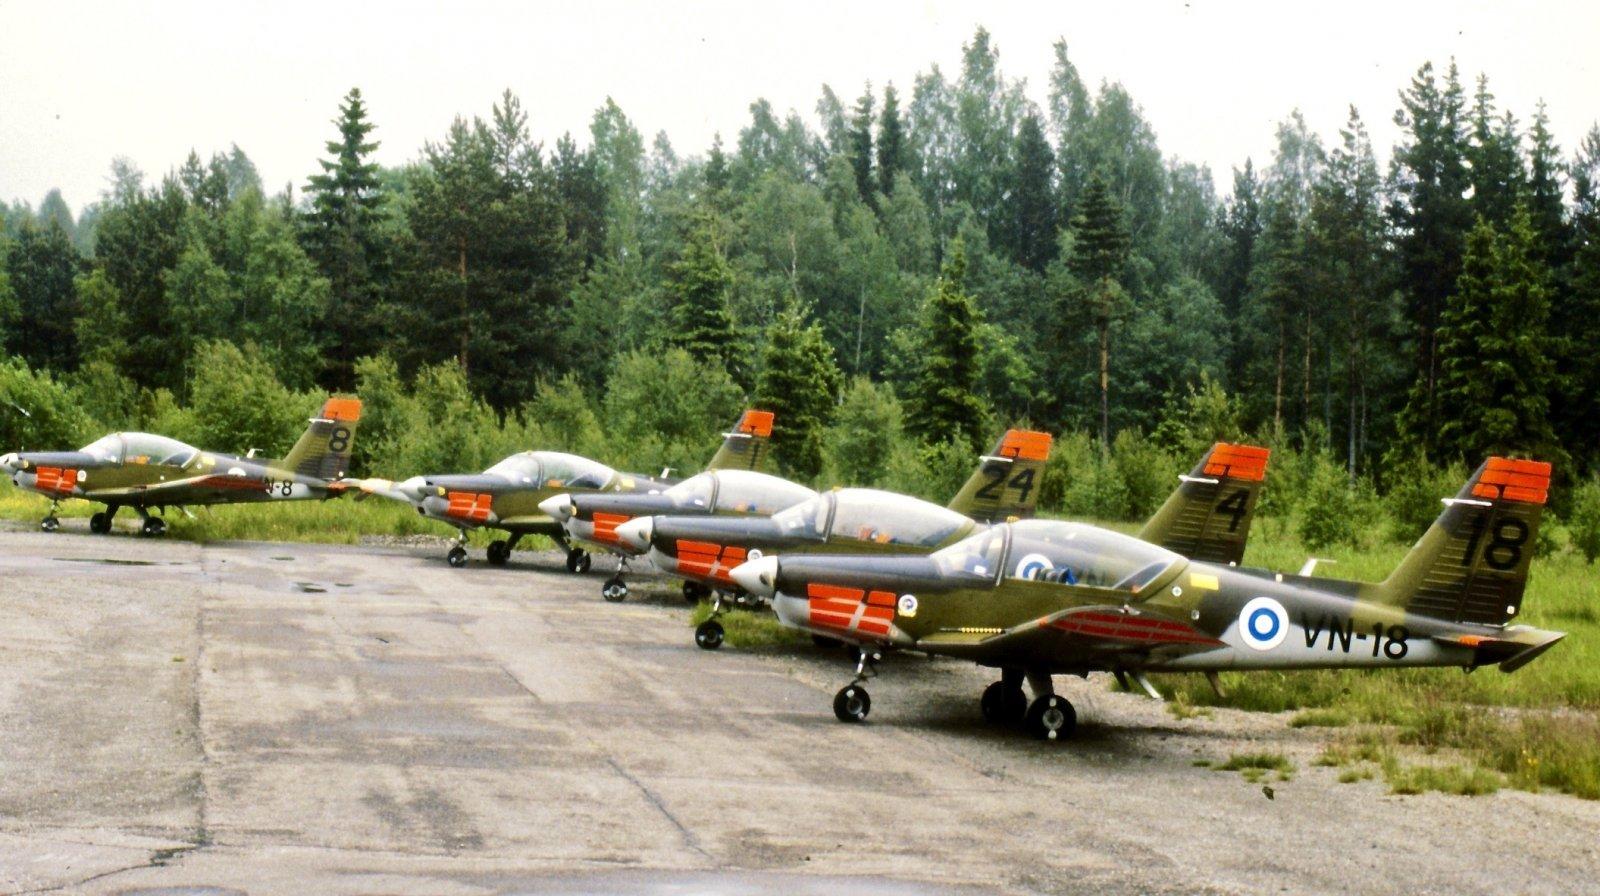 Valmet L-70 Vinka VN-8, VN-1, VN-24, VN-4 & VN-18 EFHN 1987-06